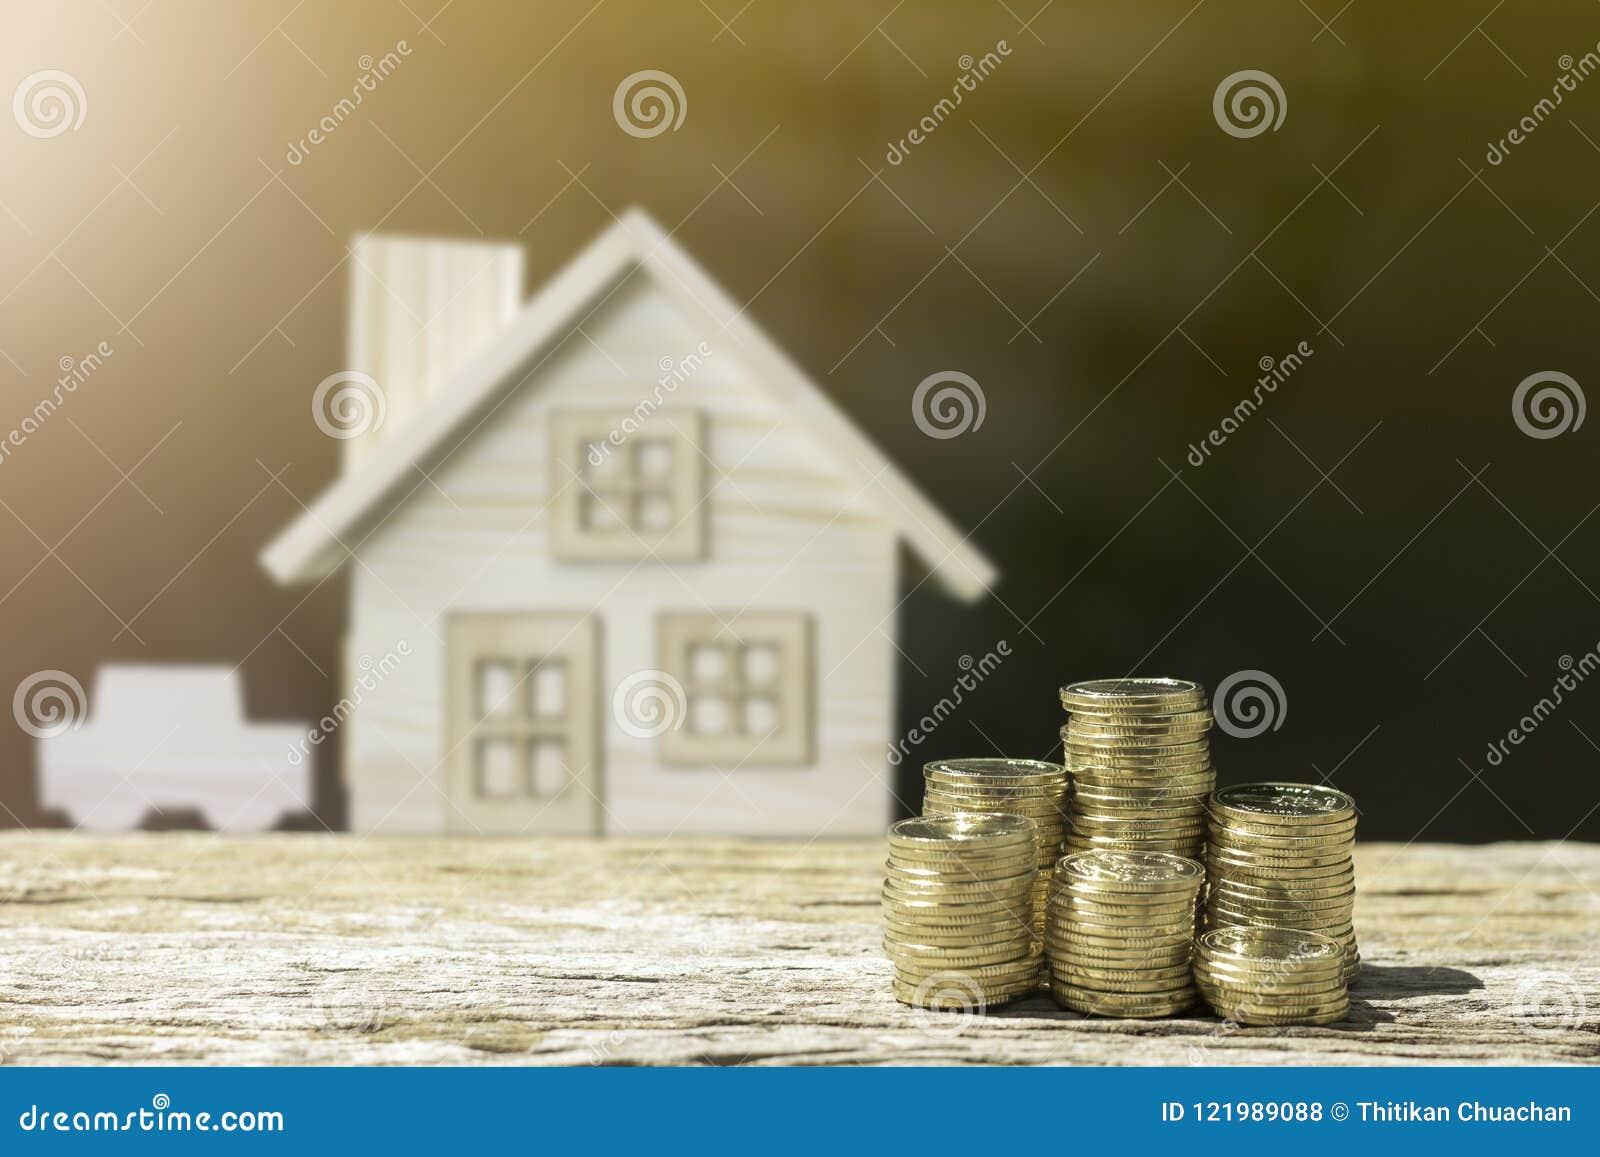 Mynt och hussuddighetsbakgrund visar besparingpengar